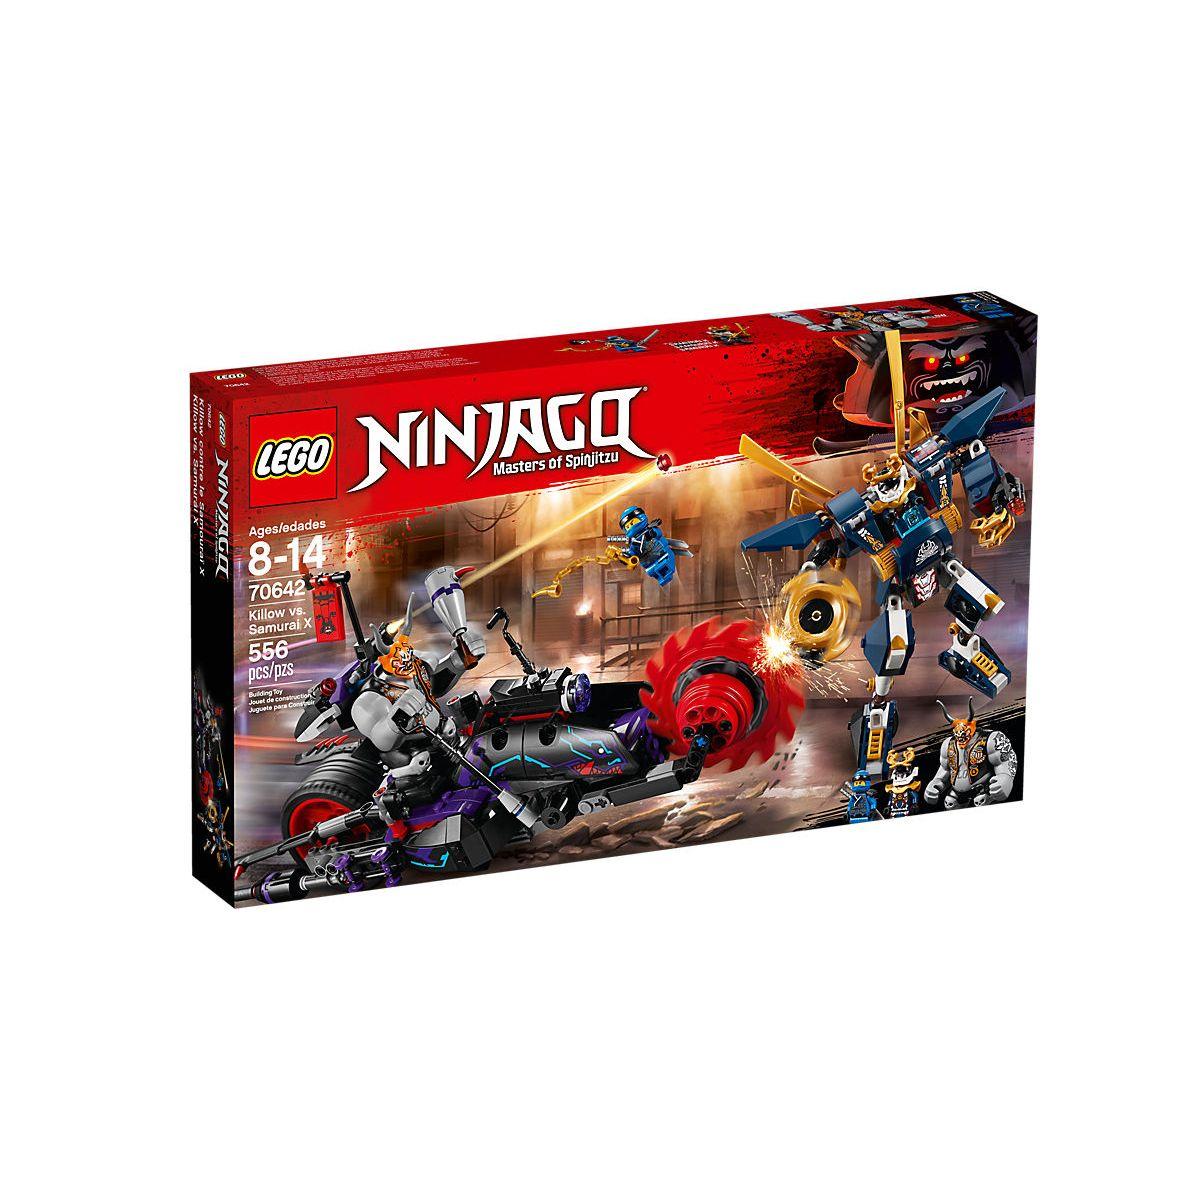 Lego Ninjago 70642 Killow Vs. Samurai X legoland ltoys